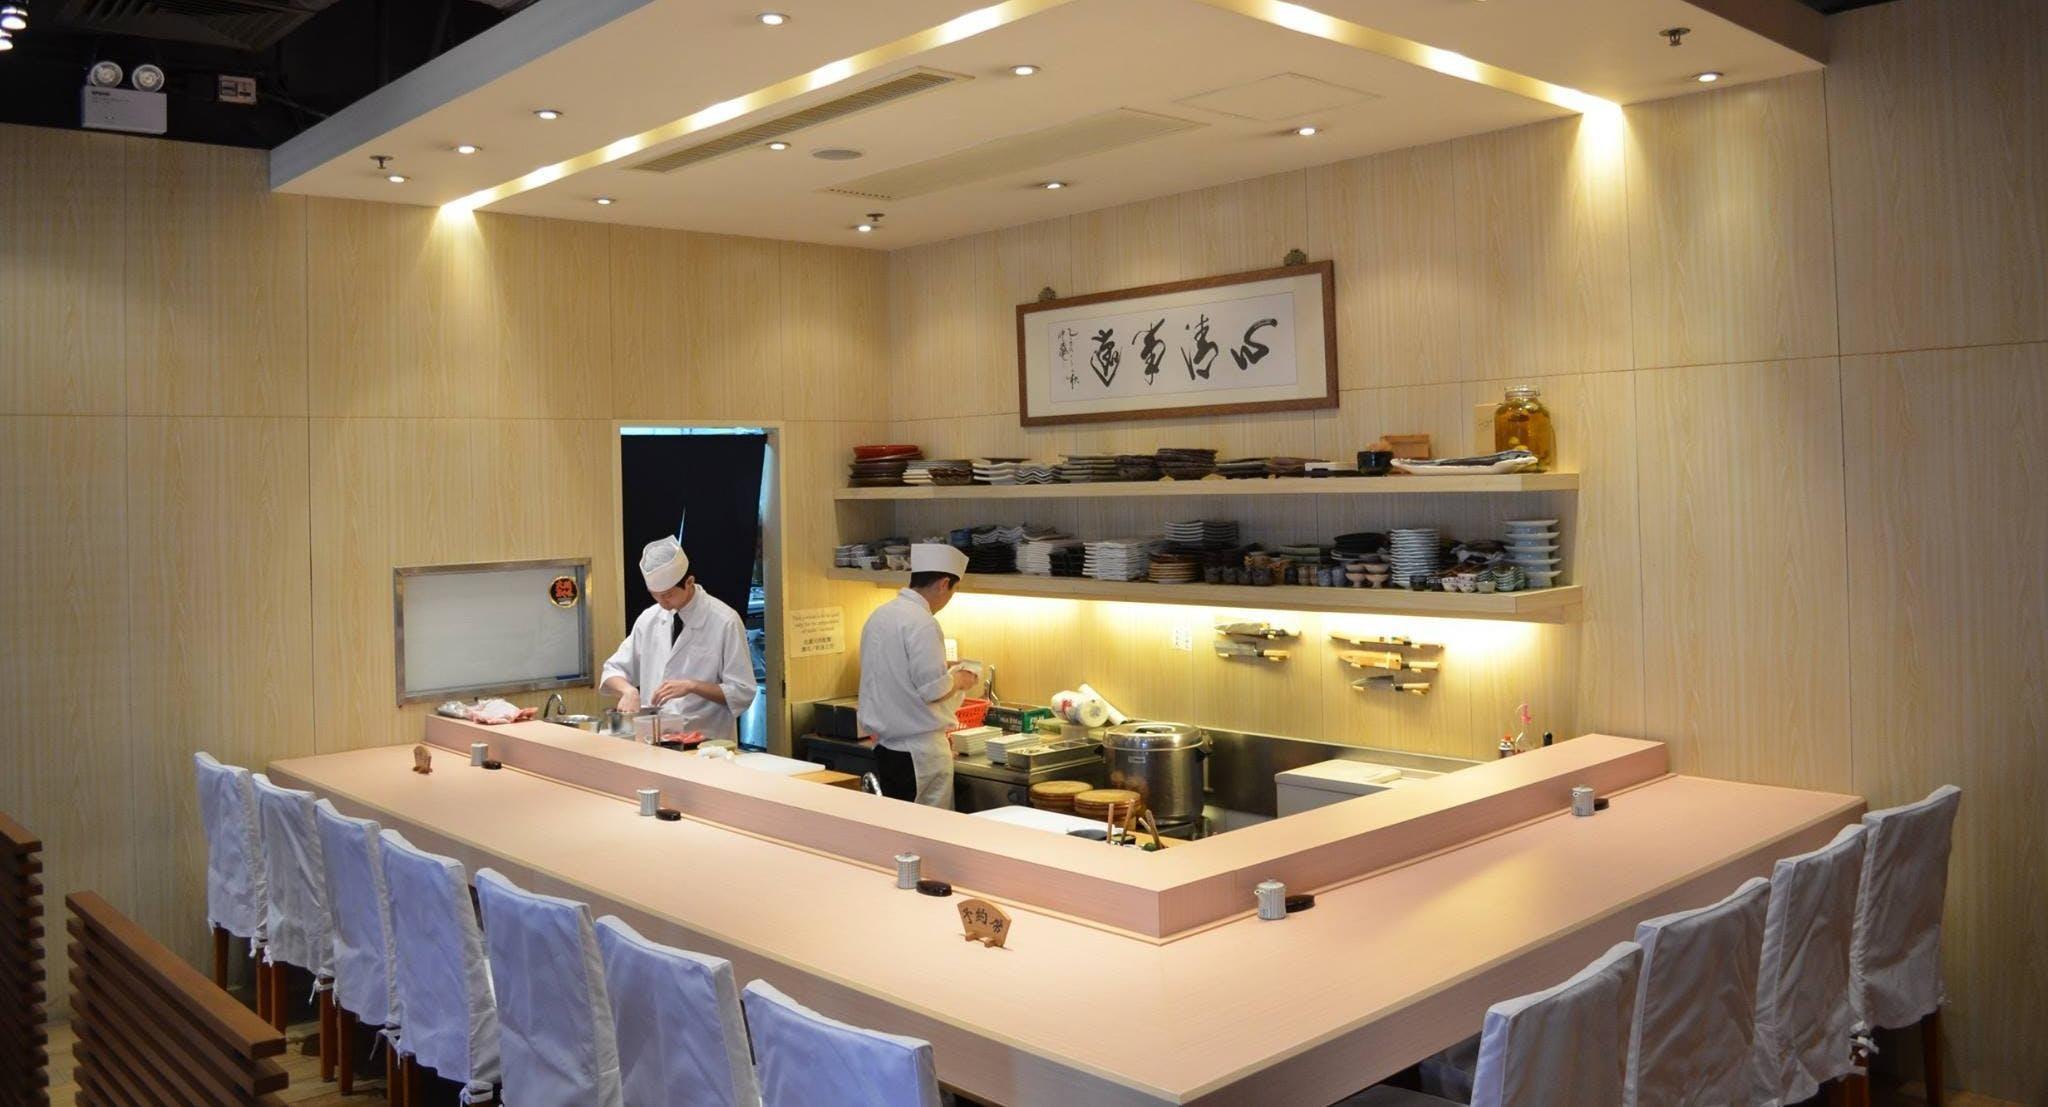 Mikasaya Sushi Restaurant Hong Kong image 1